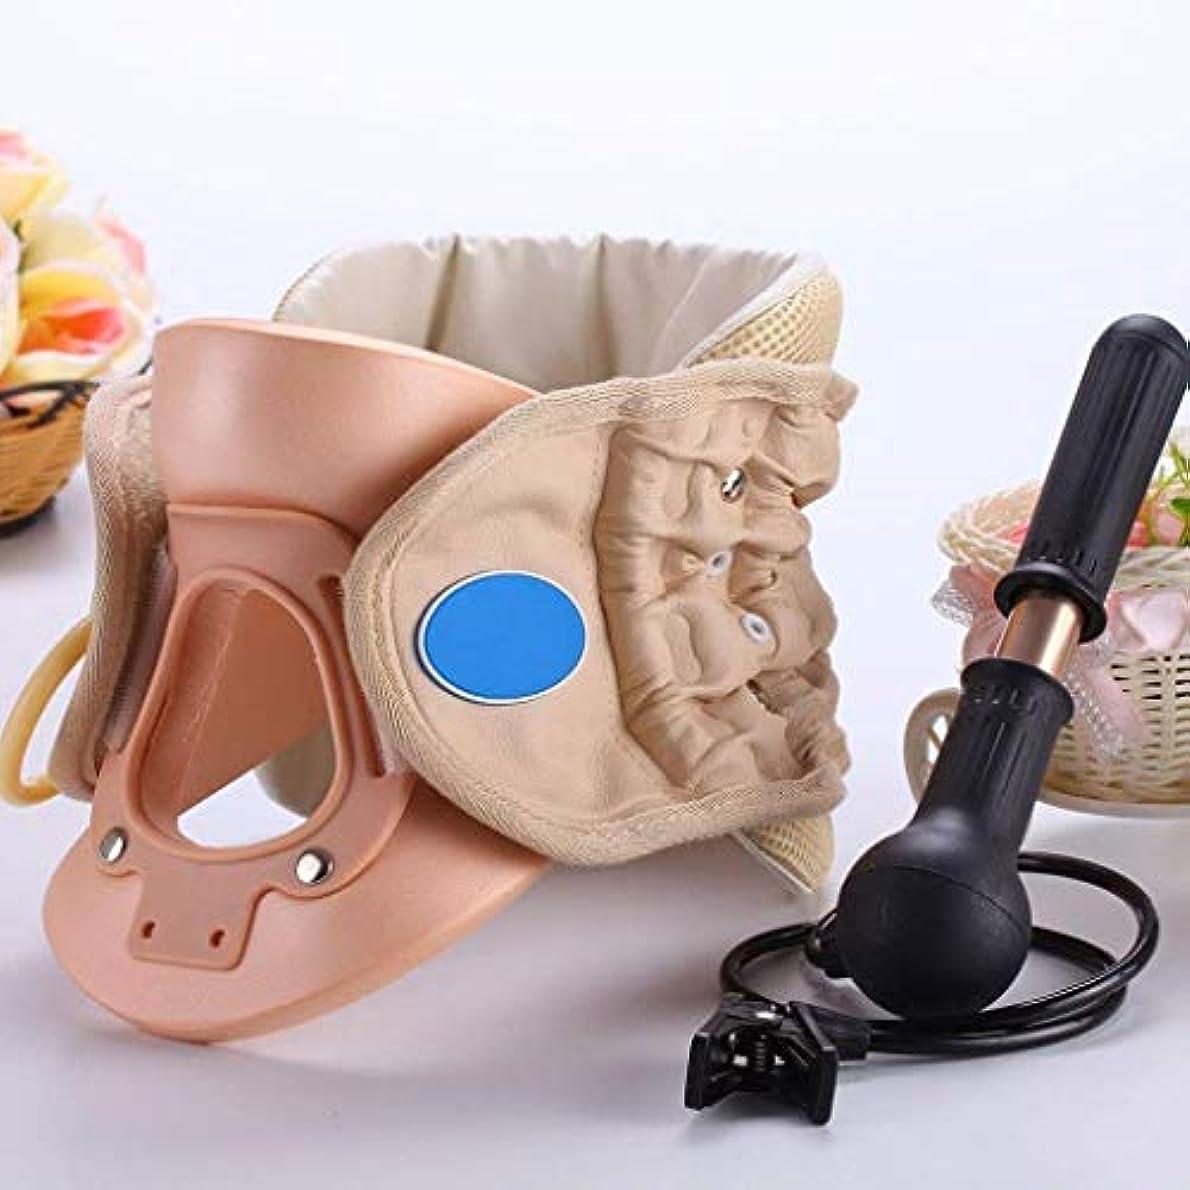 。消費者換気首の痛みや頸椎症の人に適したインフレータブル頸椎トラクター、首牽引装置、家の保護頸椎矯正器具